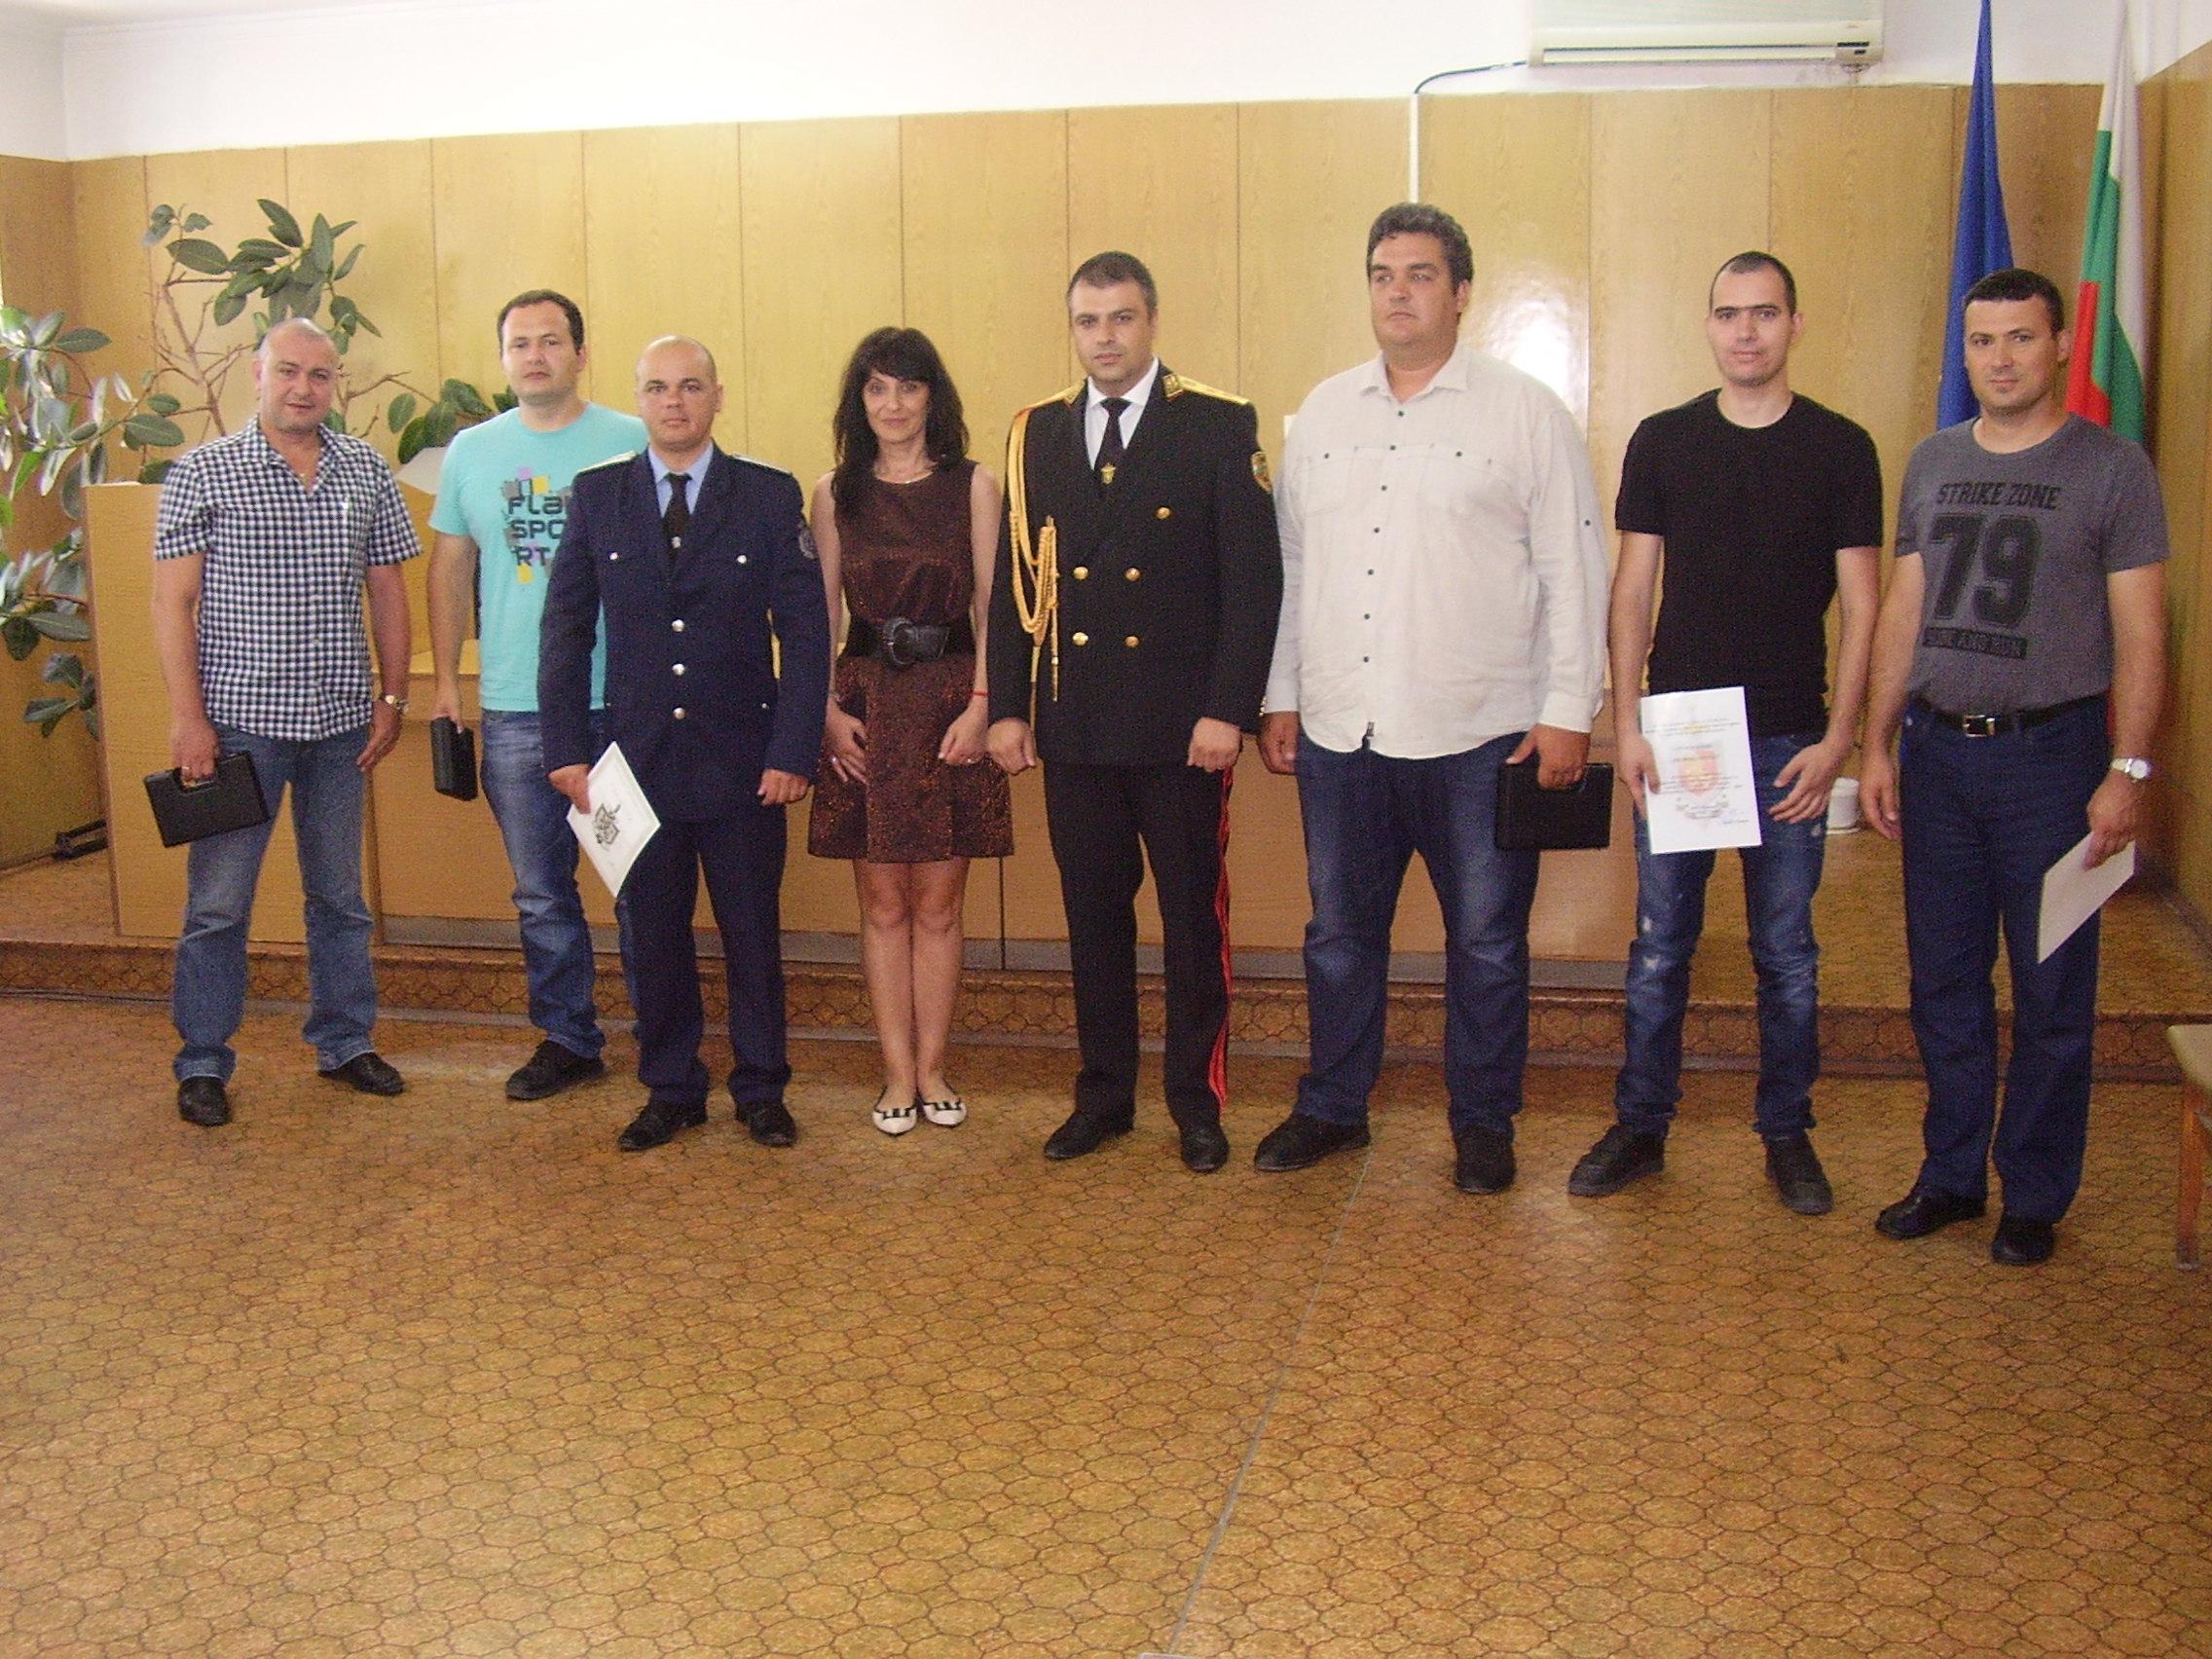 Парична награда е връчена на инспектор Борис Боков от РУ-Велинград, който е рекордьор по задържани водачи на МПС предлагали му подкупи през последните години.